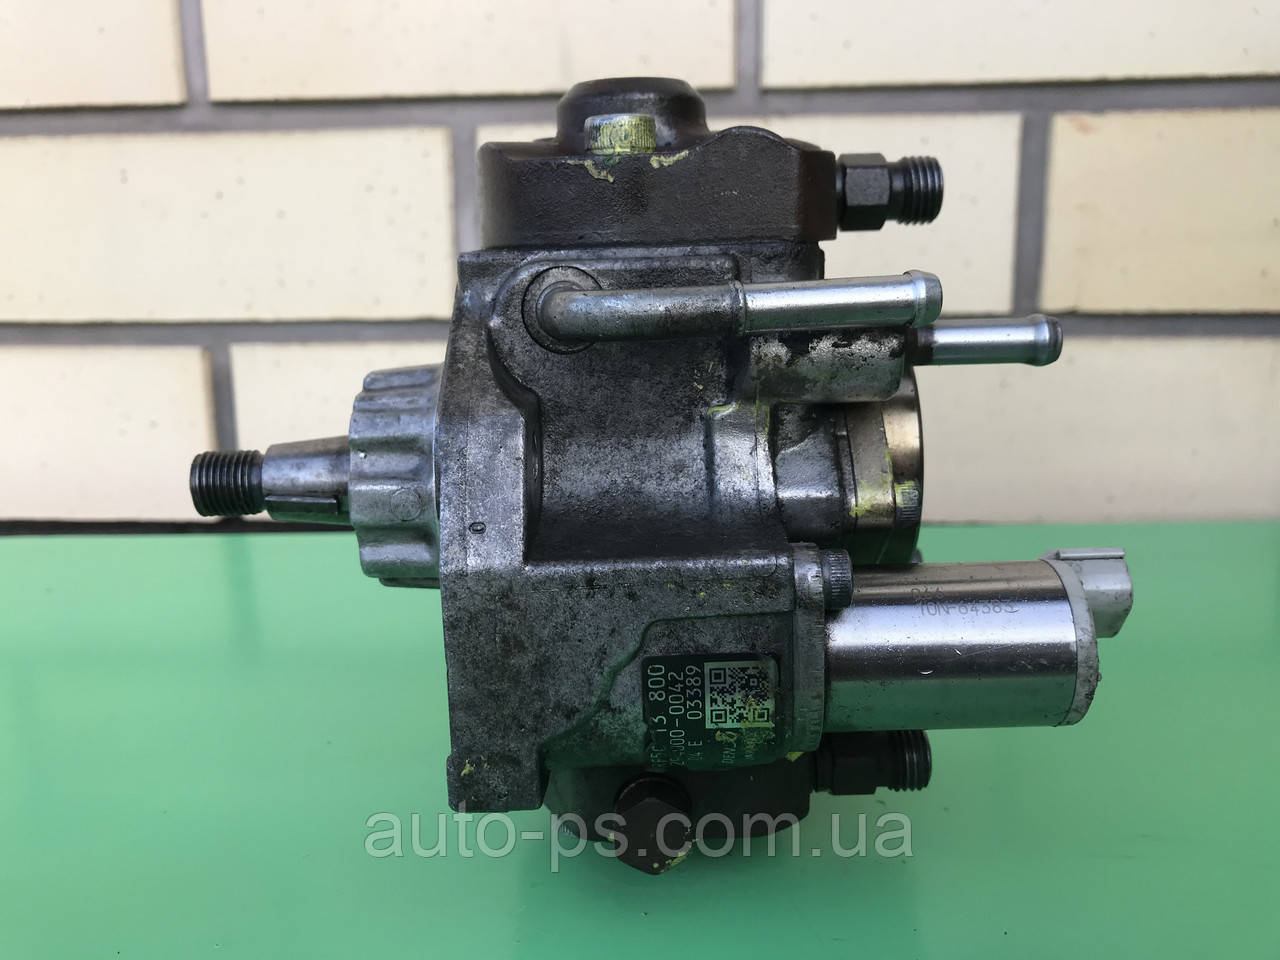 Топливный насос высокого давления (ТНВД) Mazda 6 (GG) (GY) 2.0Di 2002-2007 год.